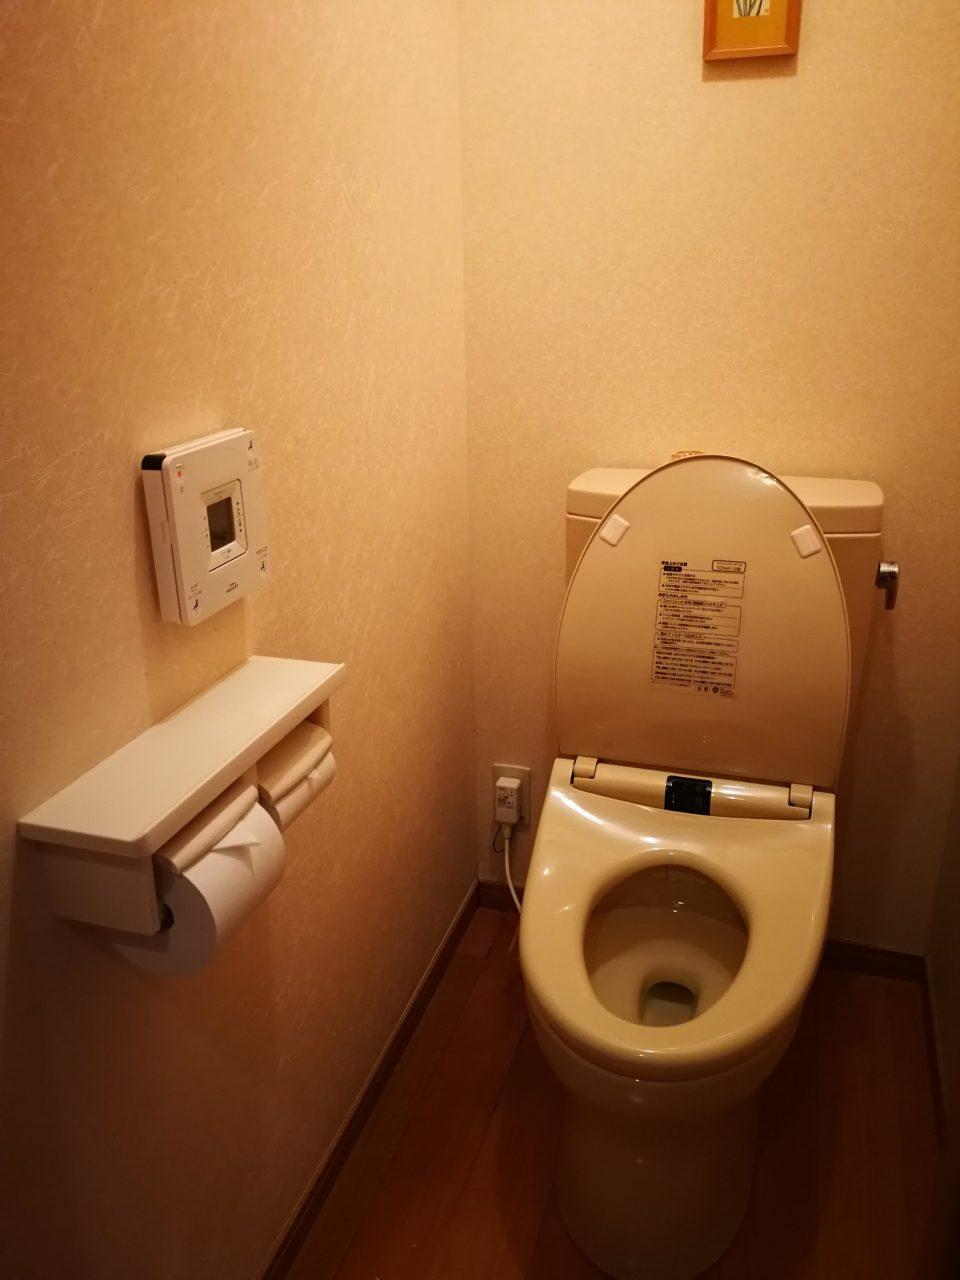 10 cose su cui contare in Giappone - bagni pulitissimi